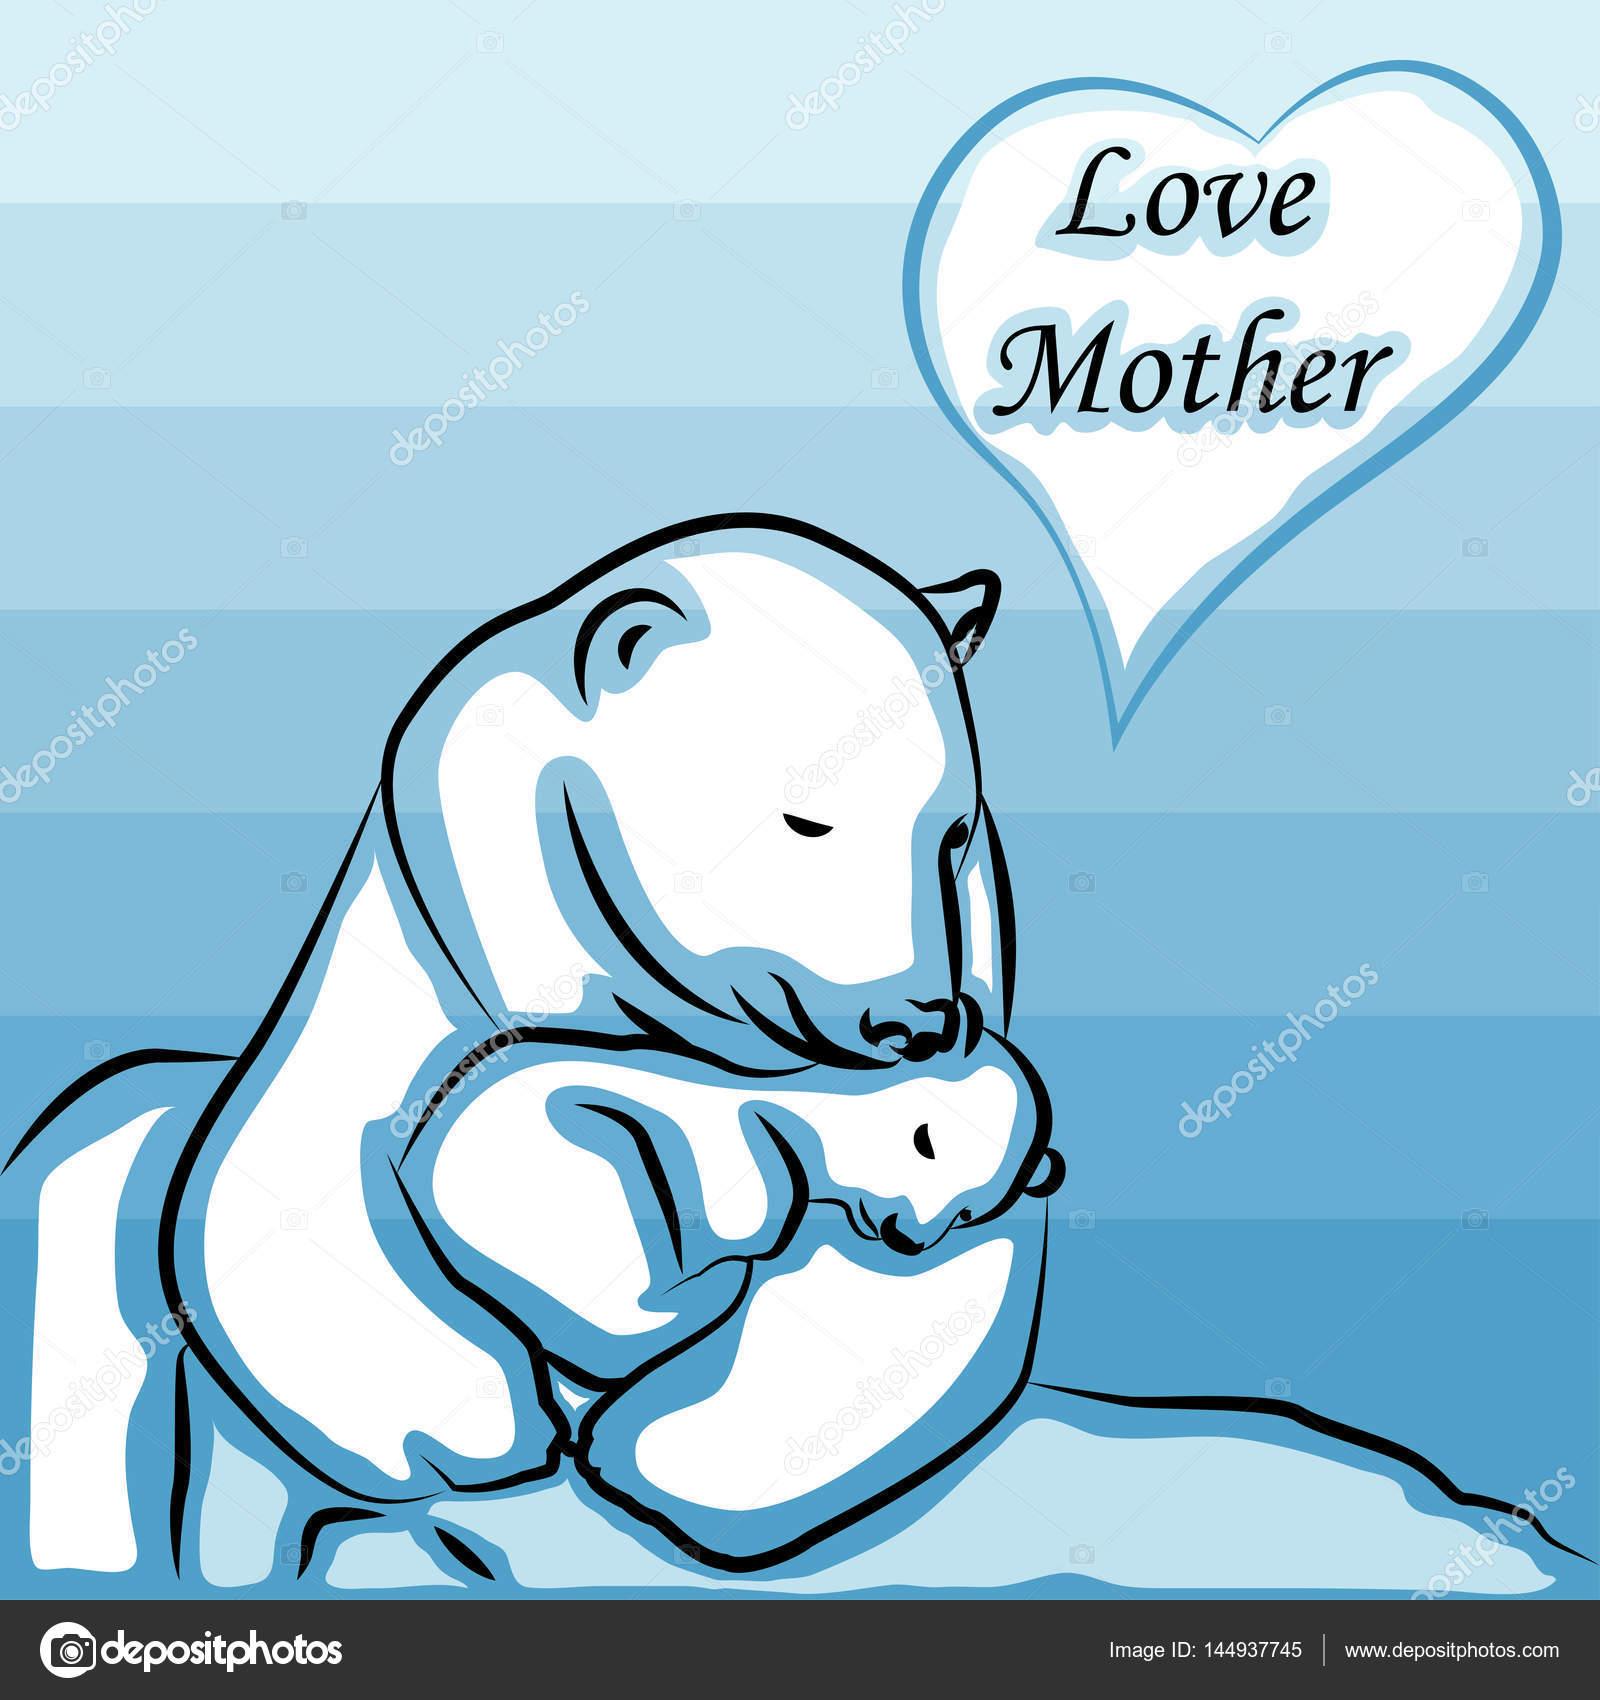 Gelukkig Moederdag Ik Hou Van Moeder Lettertype Typt Met Tekenen